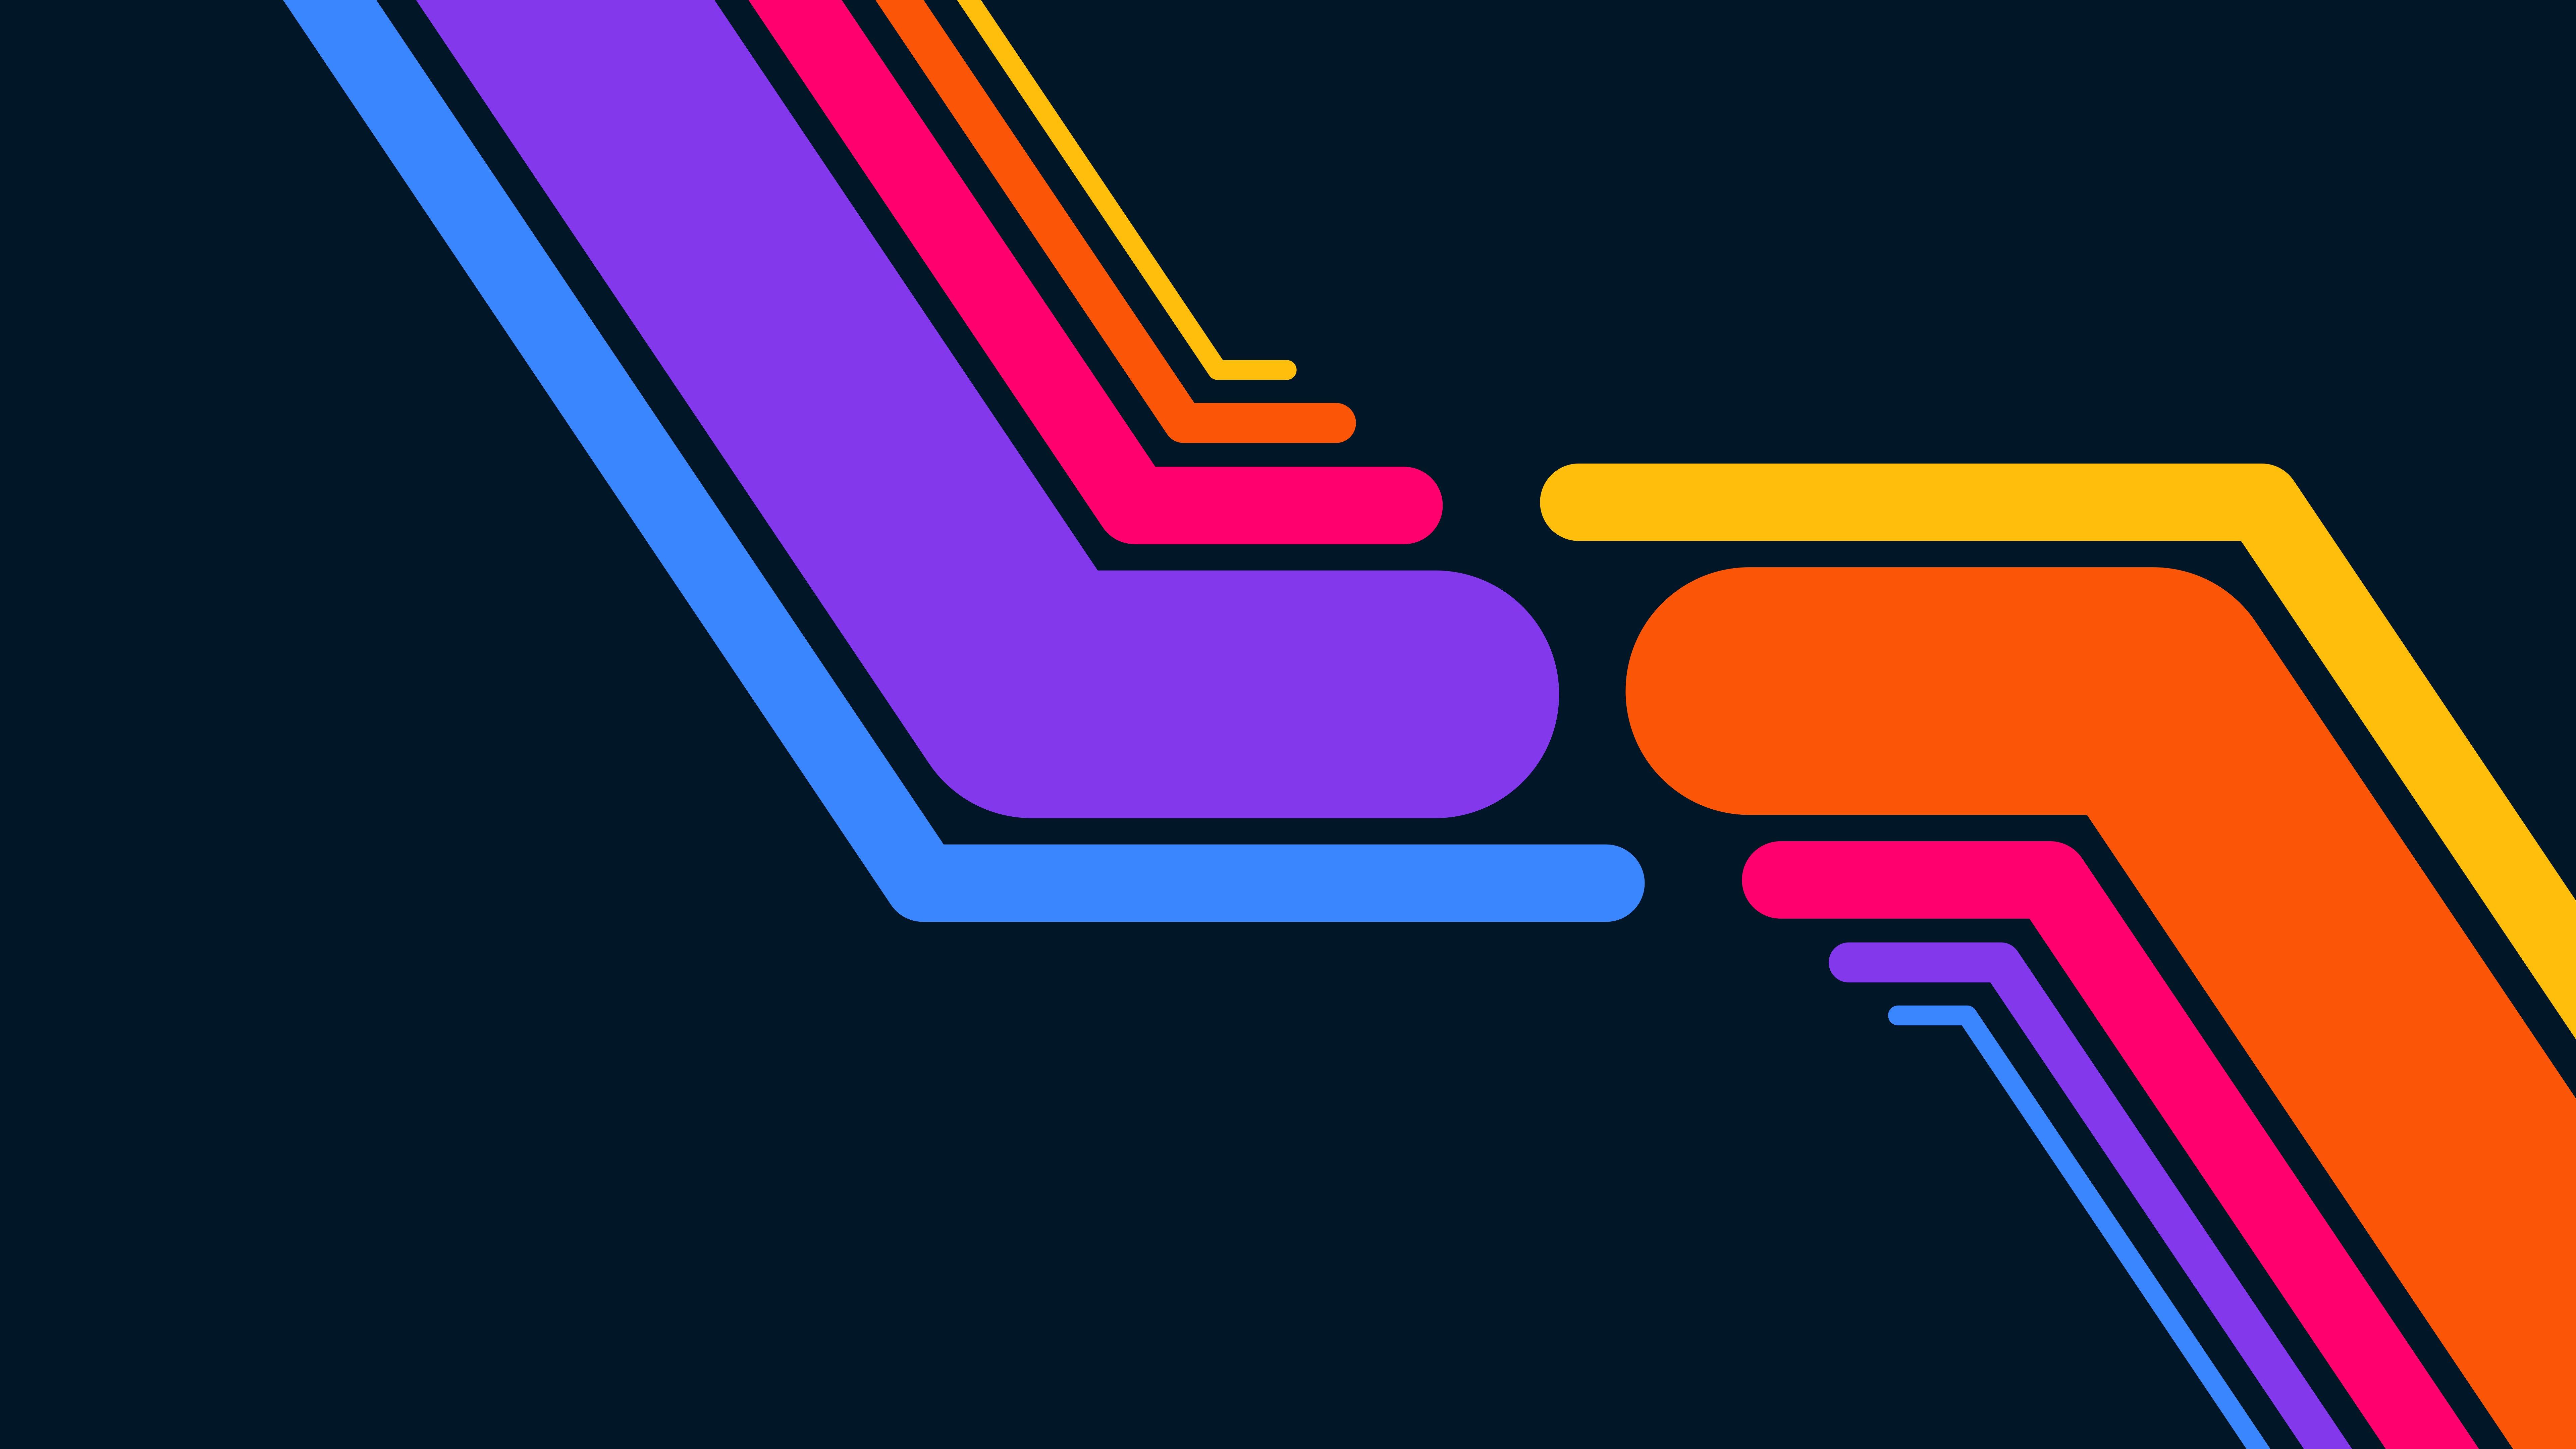 Fondos de pantalla Líneas de colores Minimalista